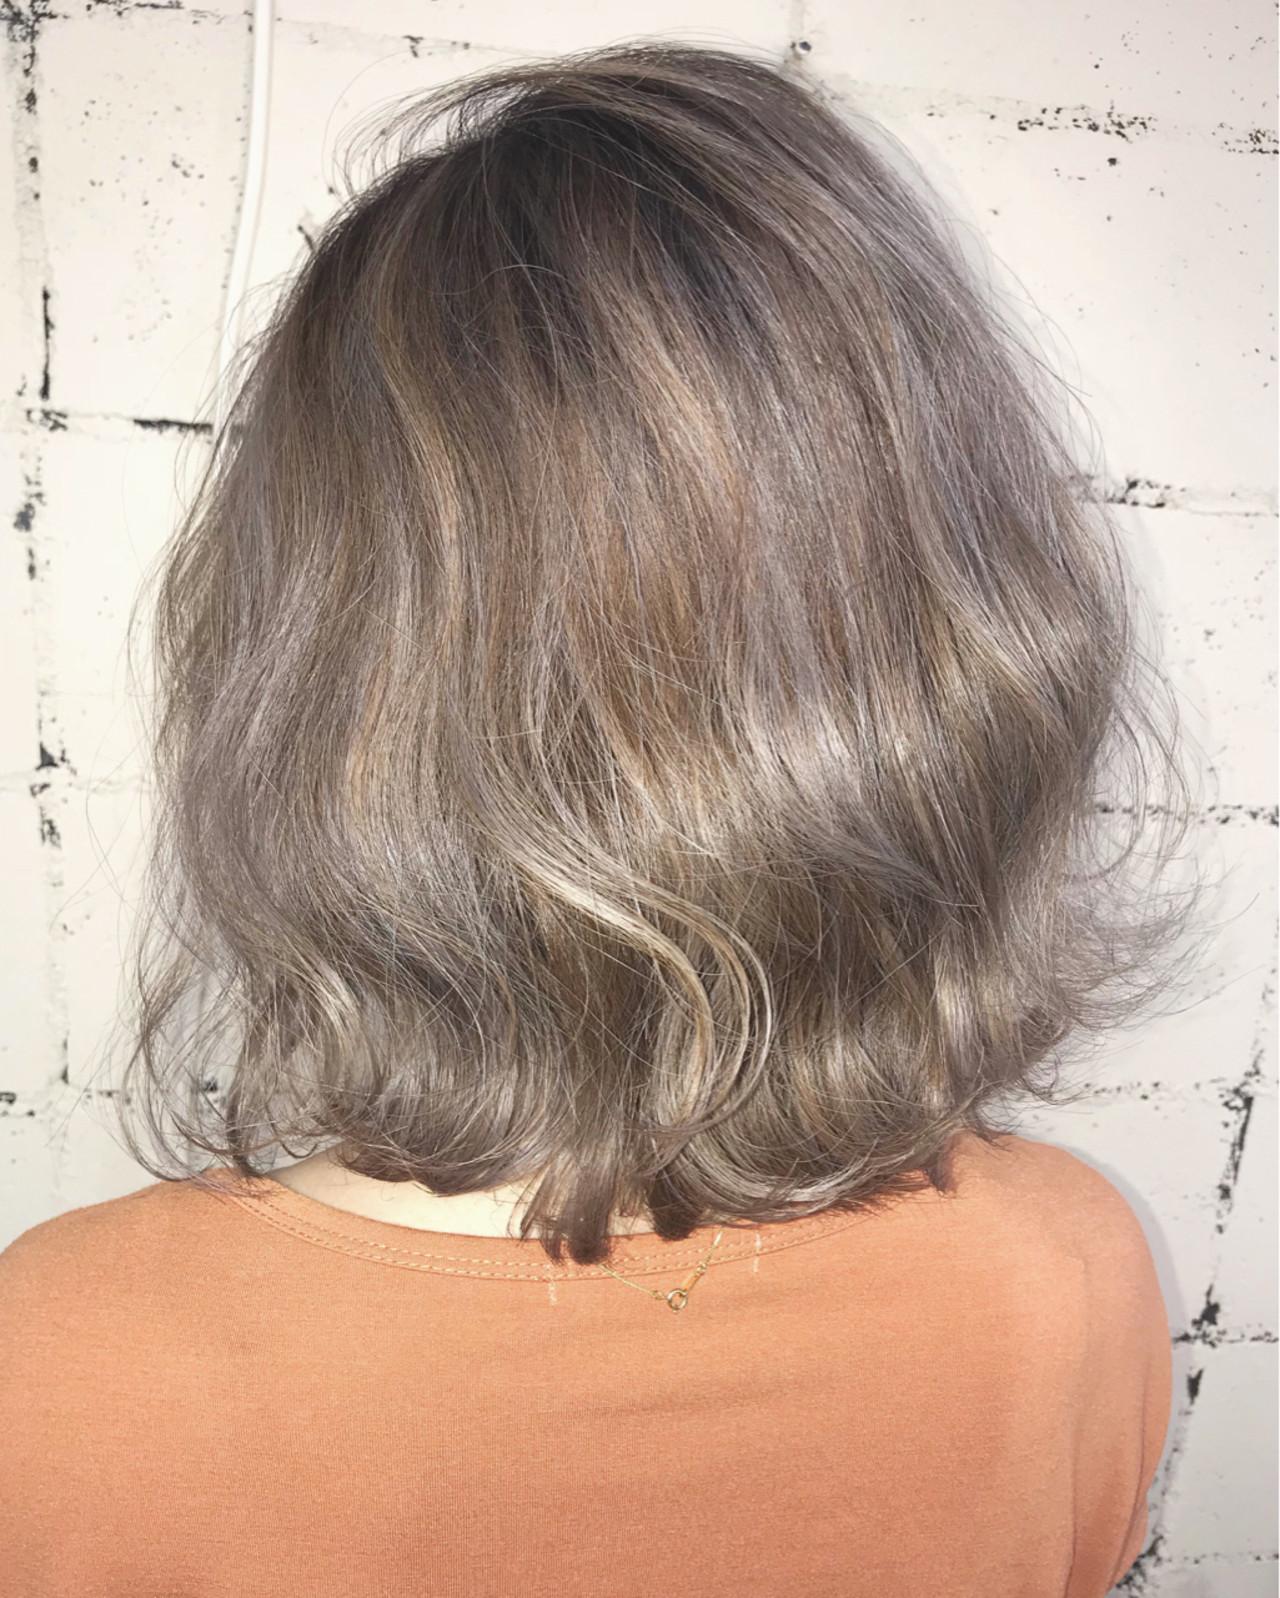 外国人風 ミルクティーベージュ 透明感 フェミニン ヘアスタイルや髪型の写真・画像